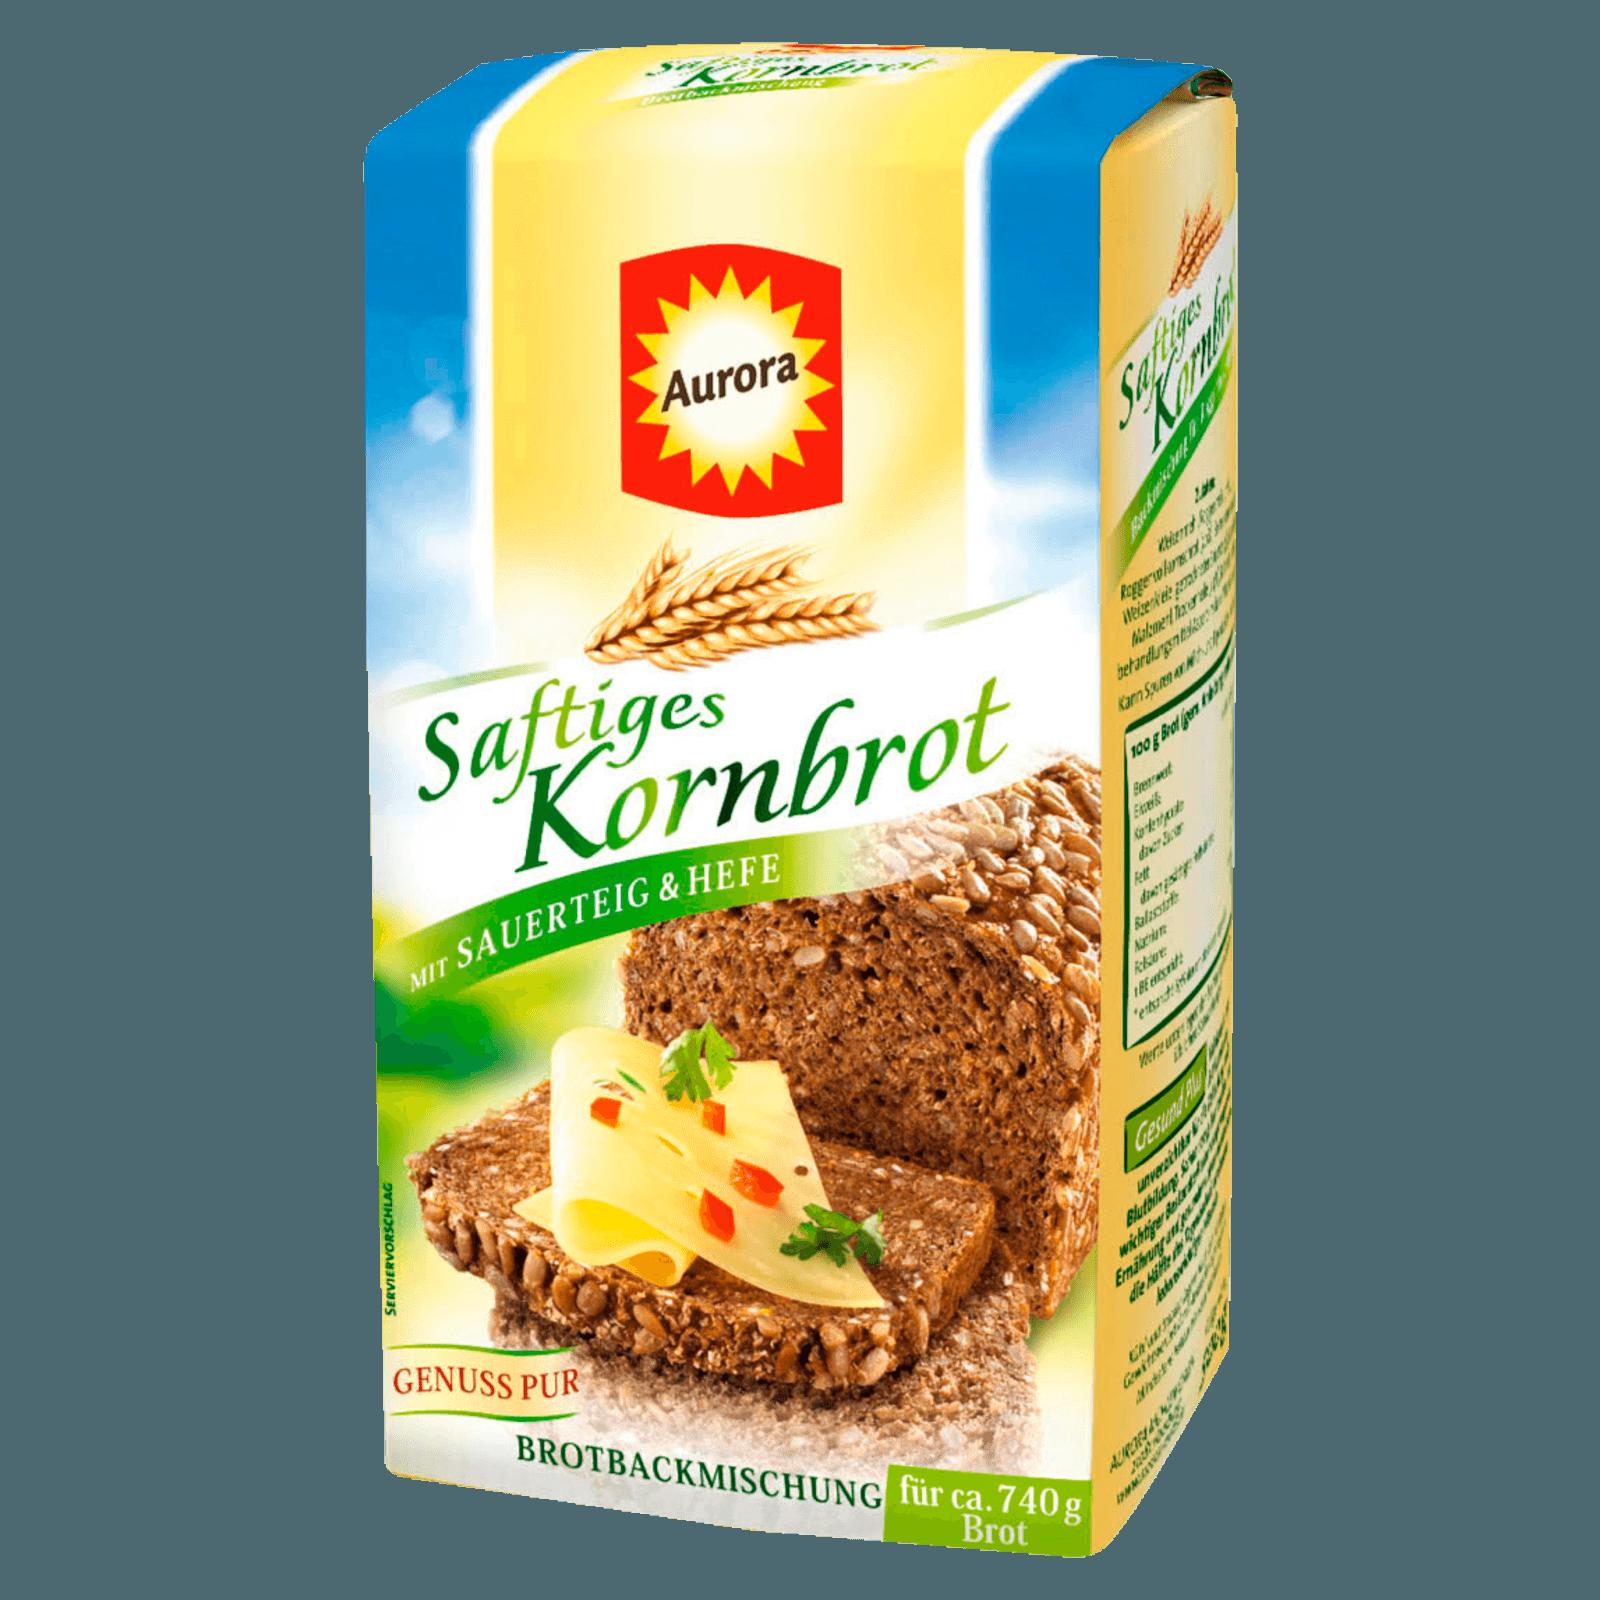 Aurora Saftiges Kornbrot 20,20kg bei REWE online bestellen